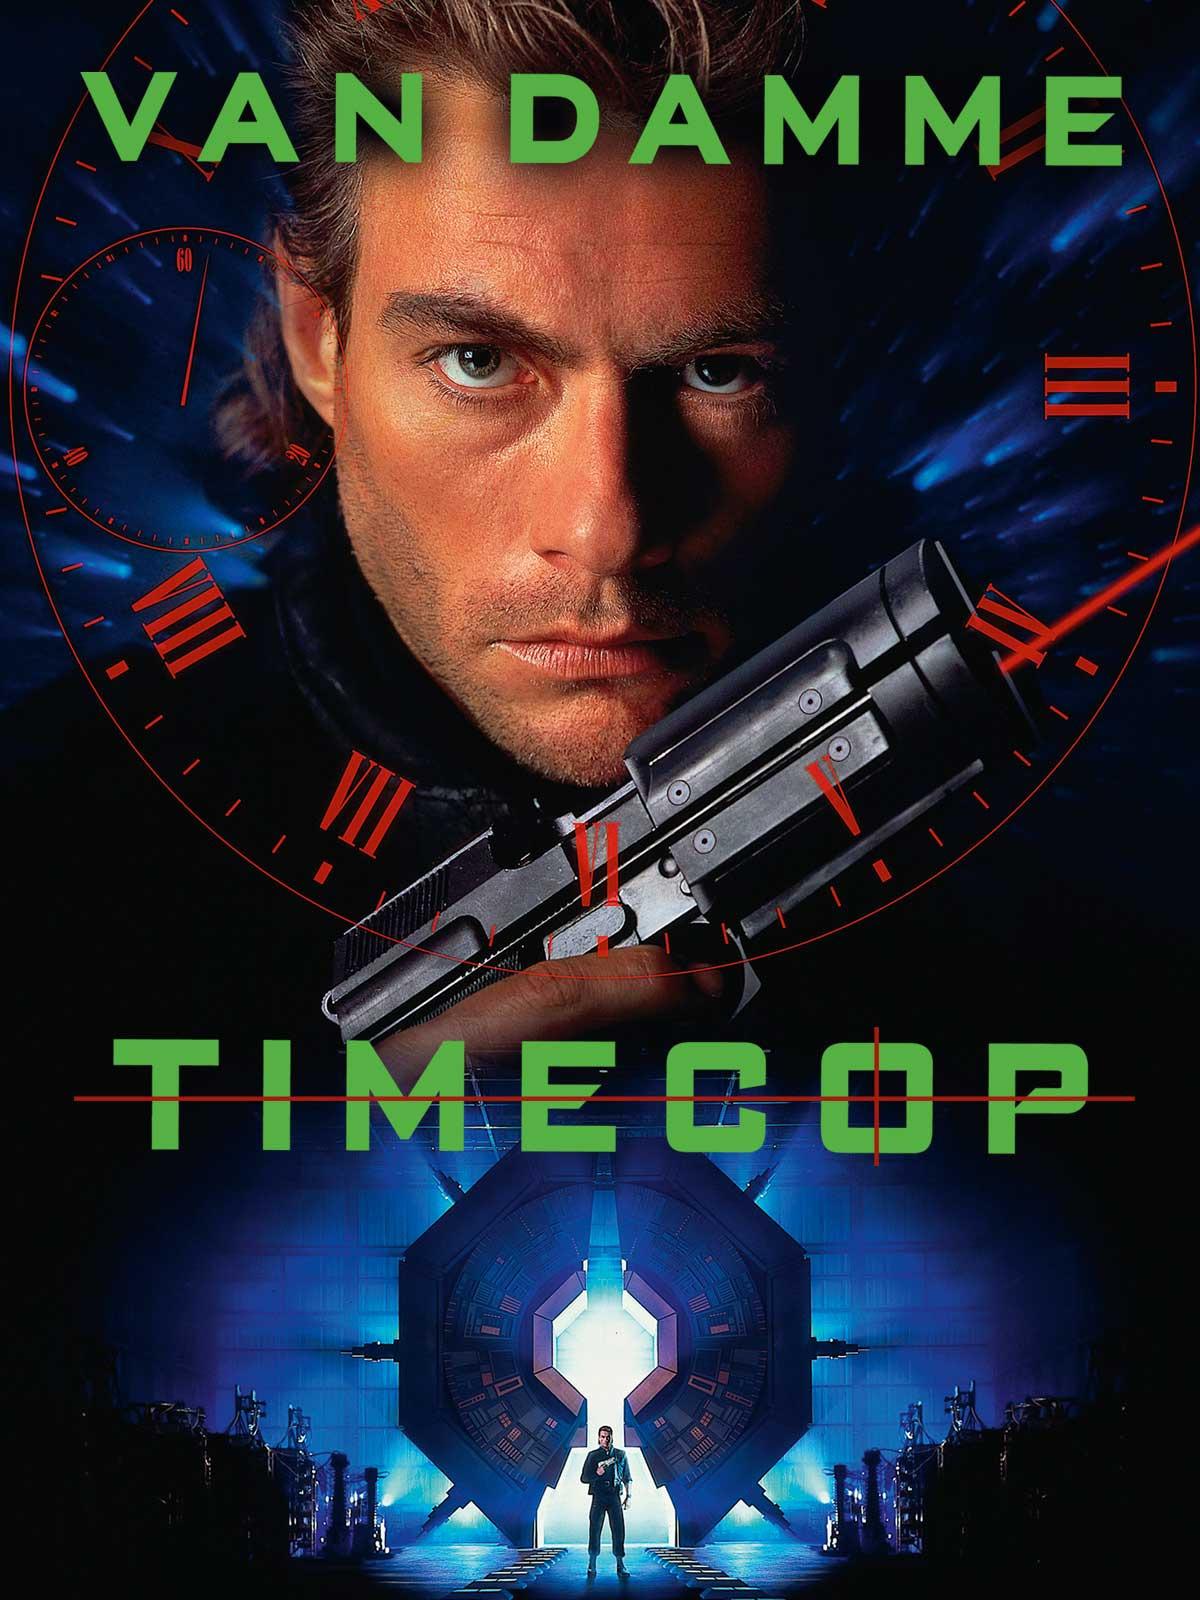 Timecop